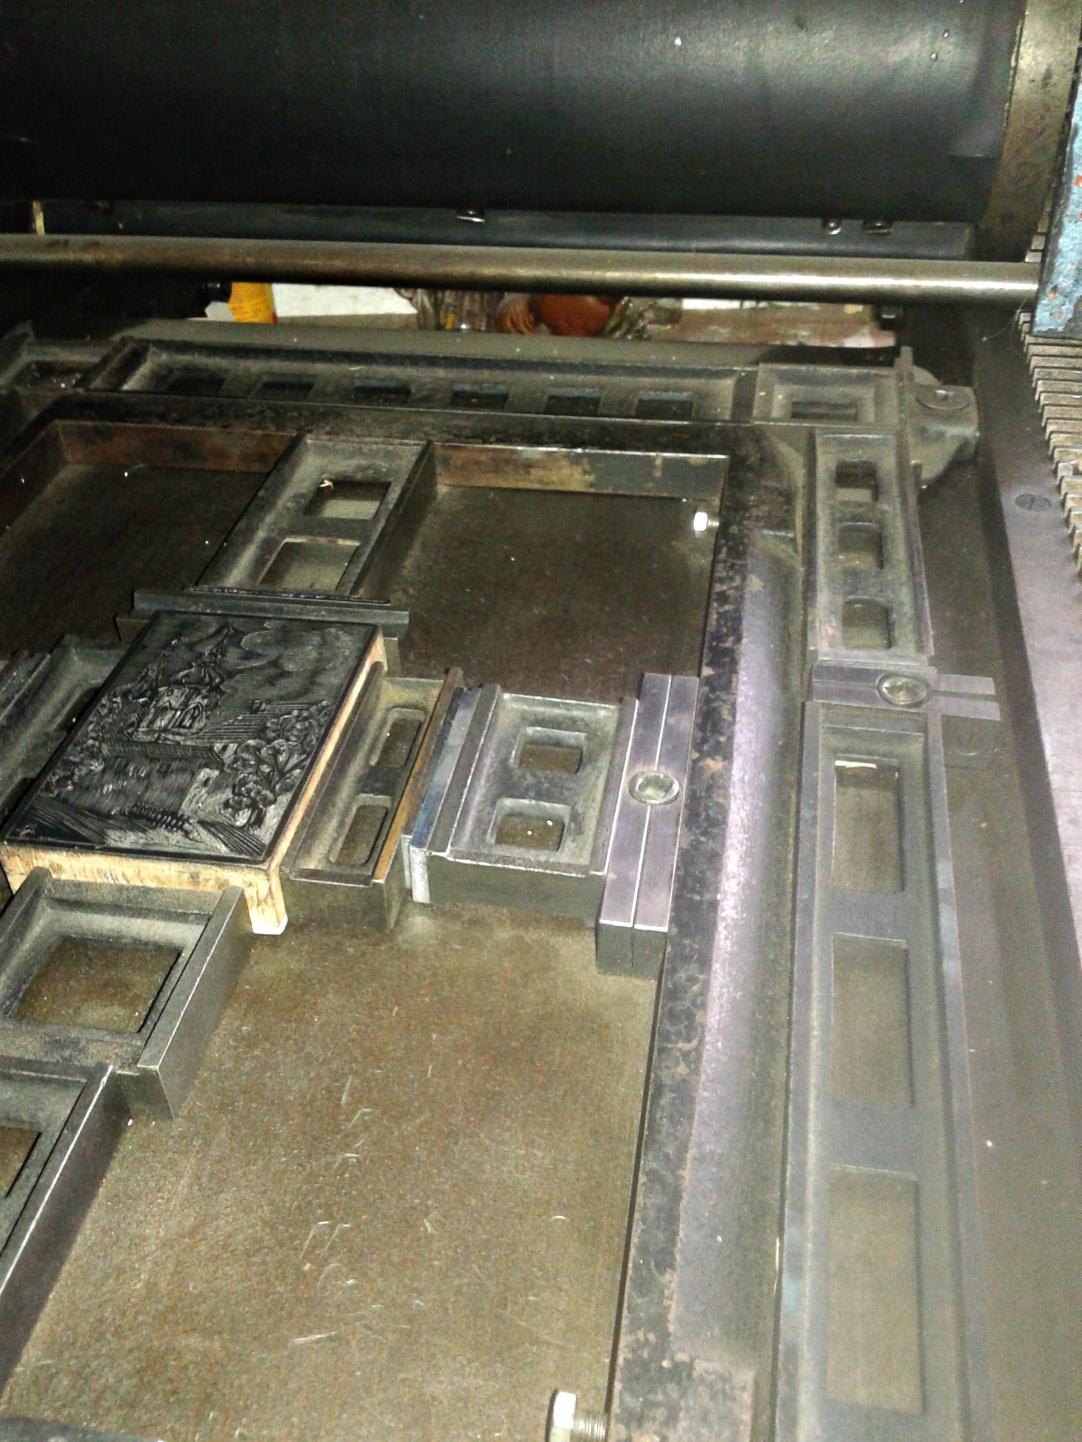 dřevoryt tisk, wood-carving printing, Holzschnitt drucken